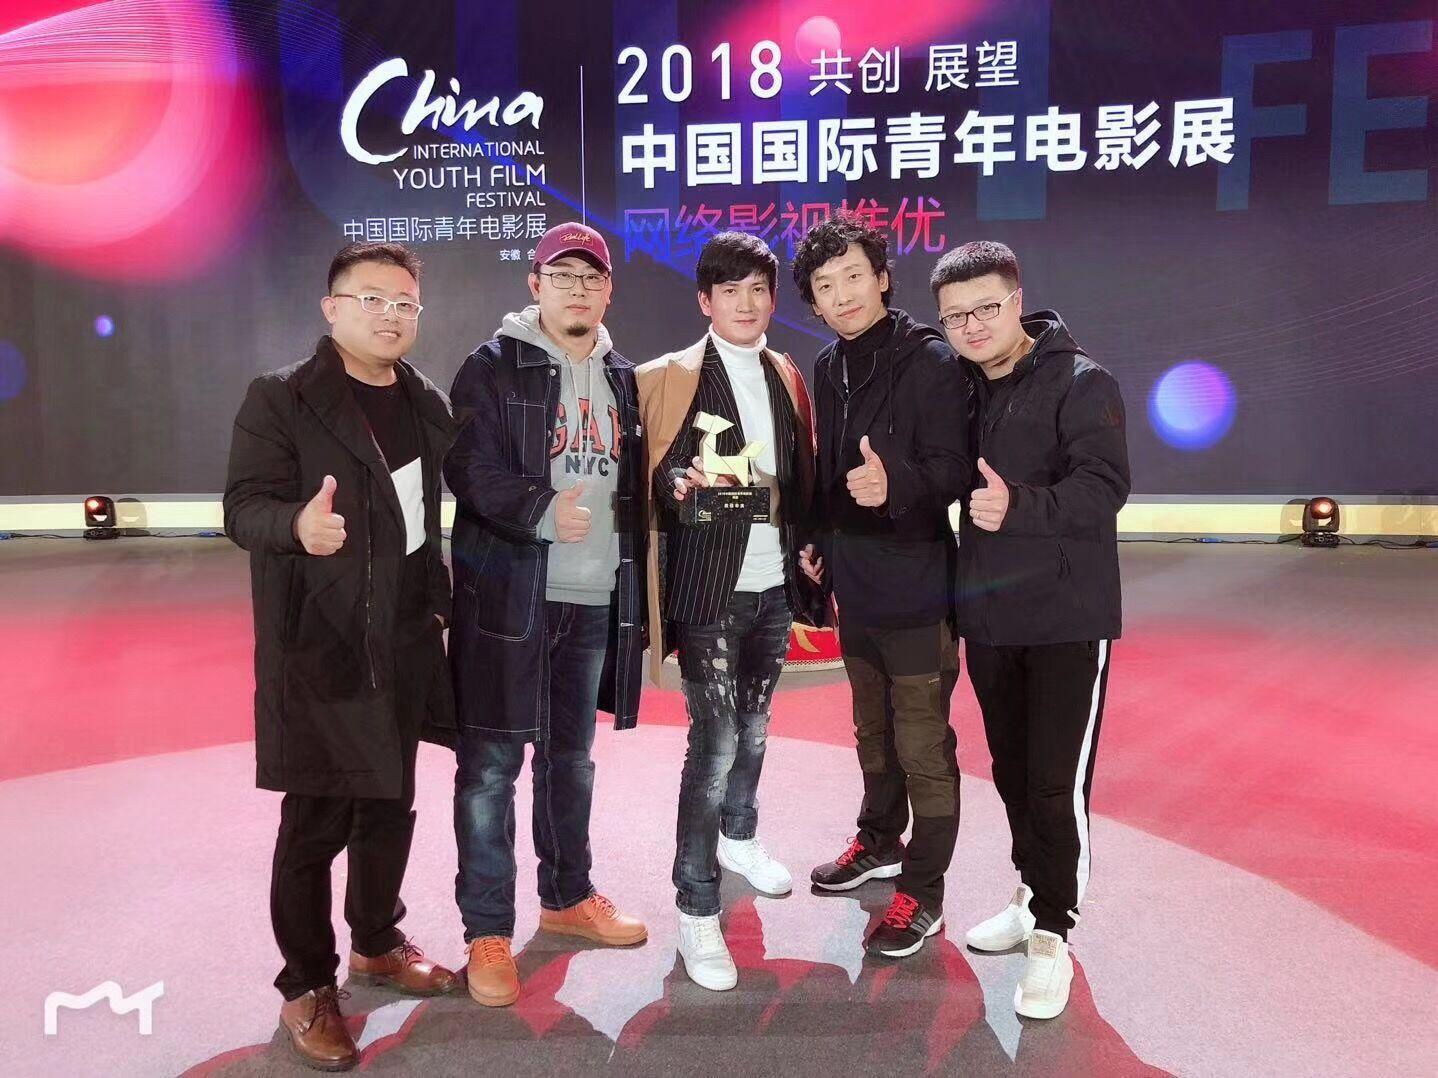 《美丽见习生》亮相2018中国国际青年电影展 导演邢中奇子文双双获最佳导演